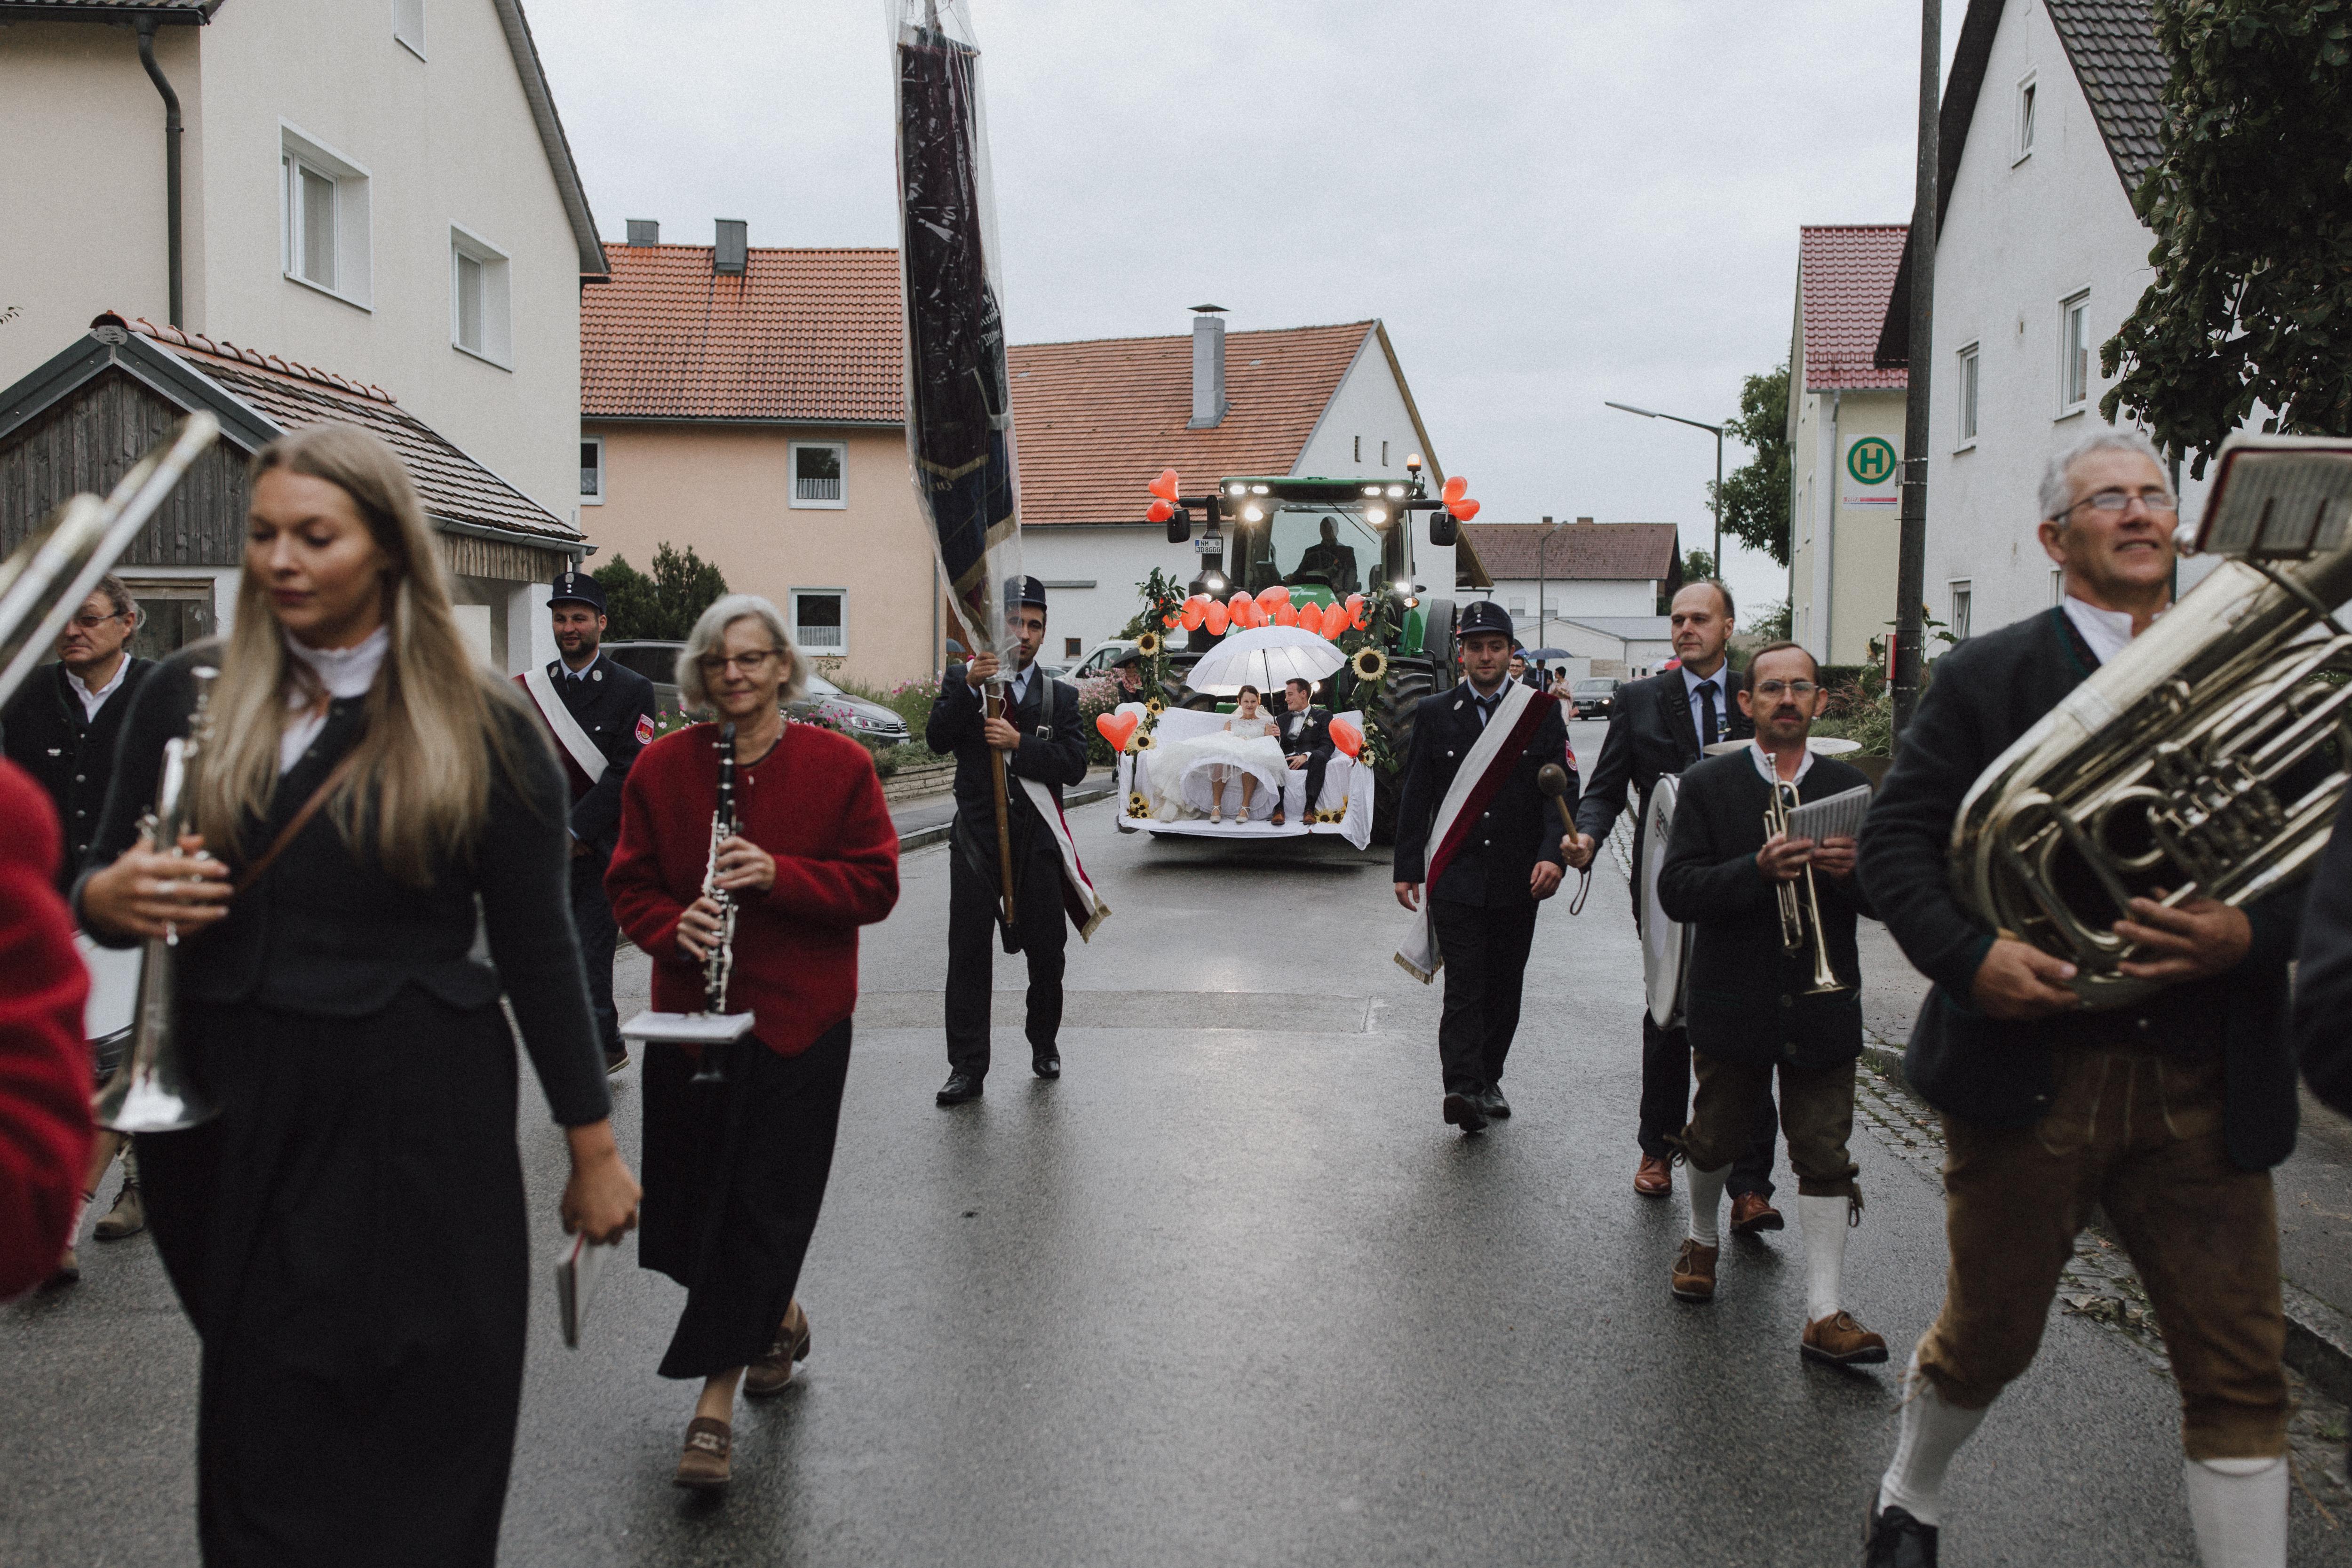 URBANERIE_Daniela_Goth_Hochzeitsfotografin_Nürnberg_Fürth_Erlangen_Schwabach_170909_0092